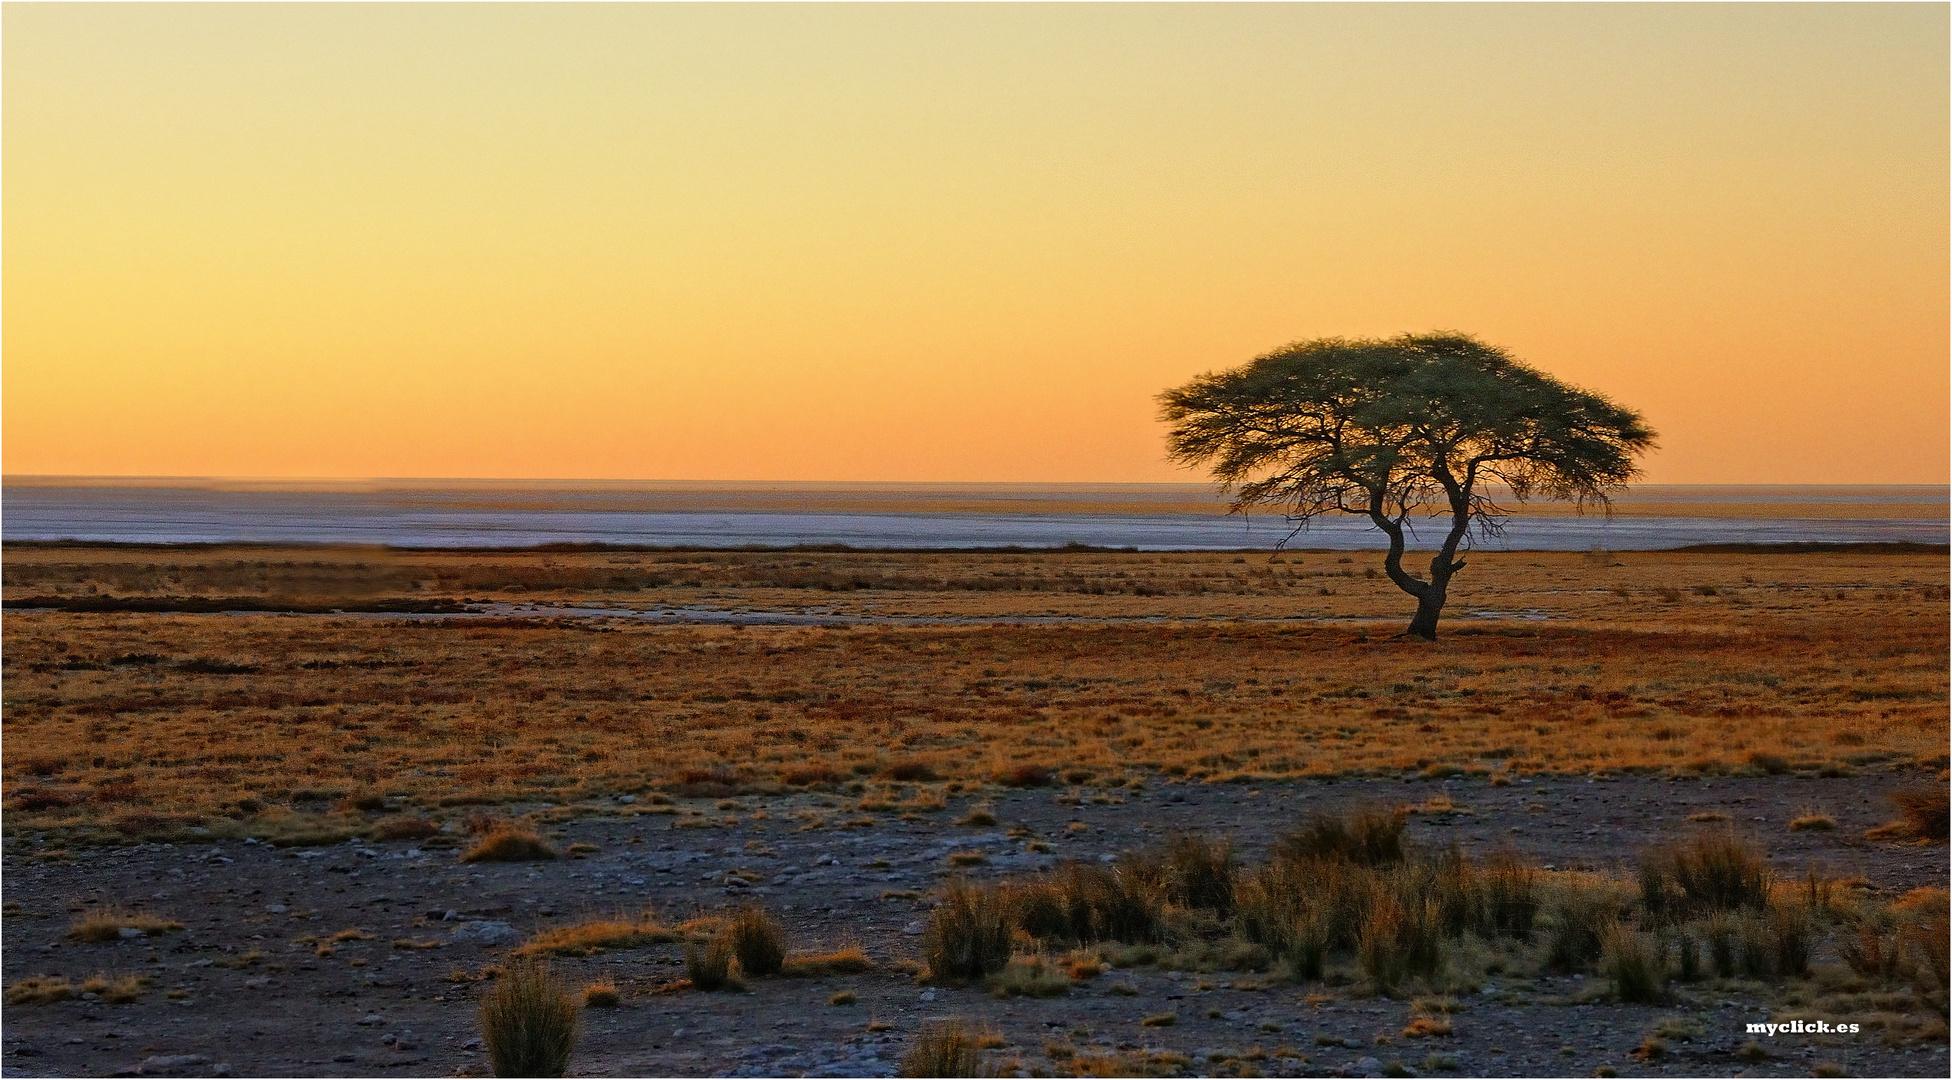 MEMORIAS DE AFRICA -ATARDECER CON ACACIA-PN ETHOSA-MAMIBIA